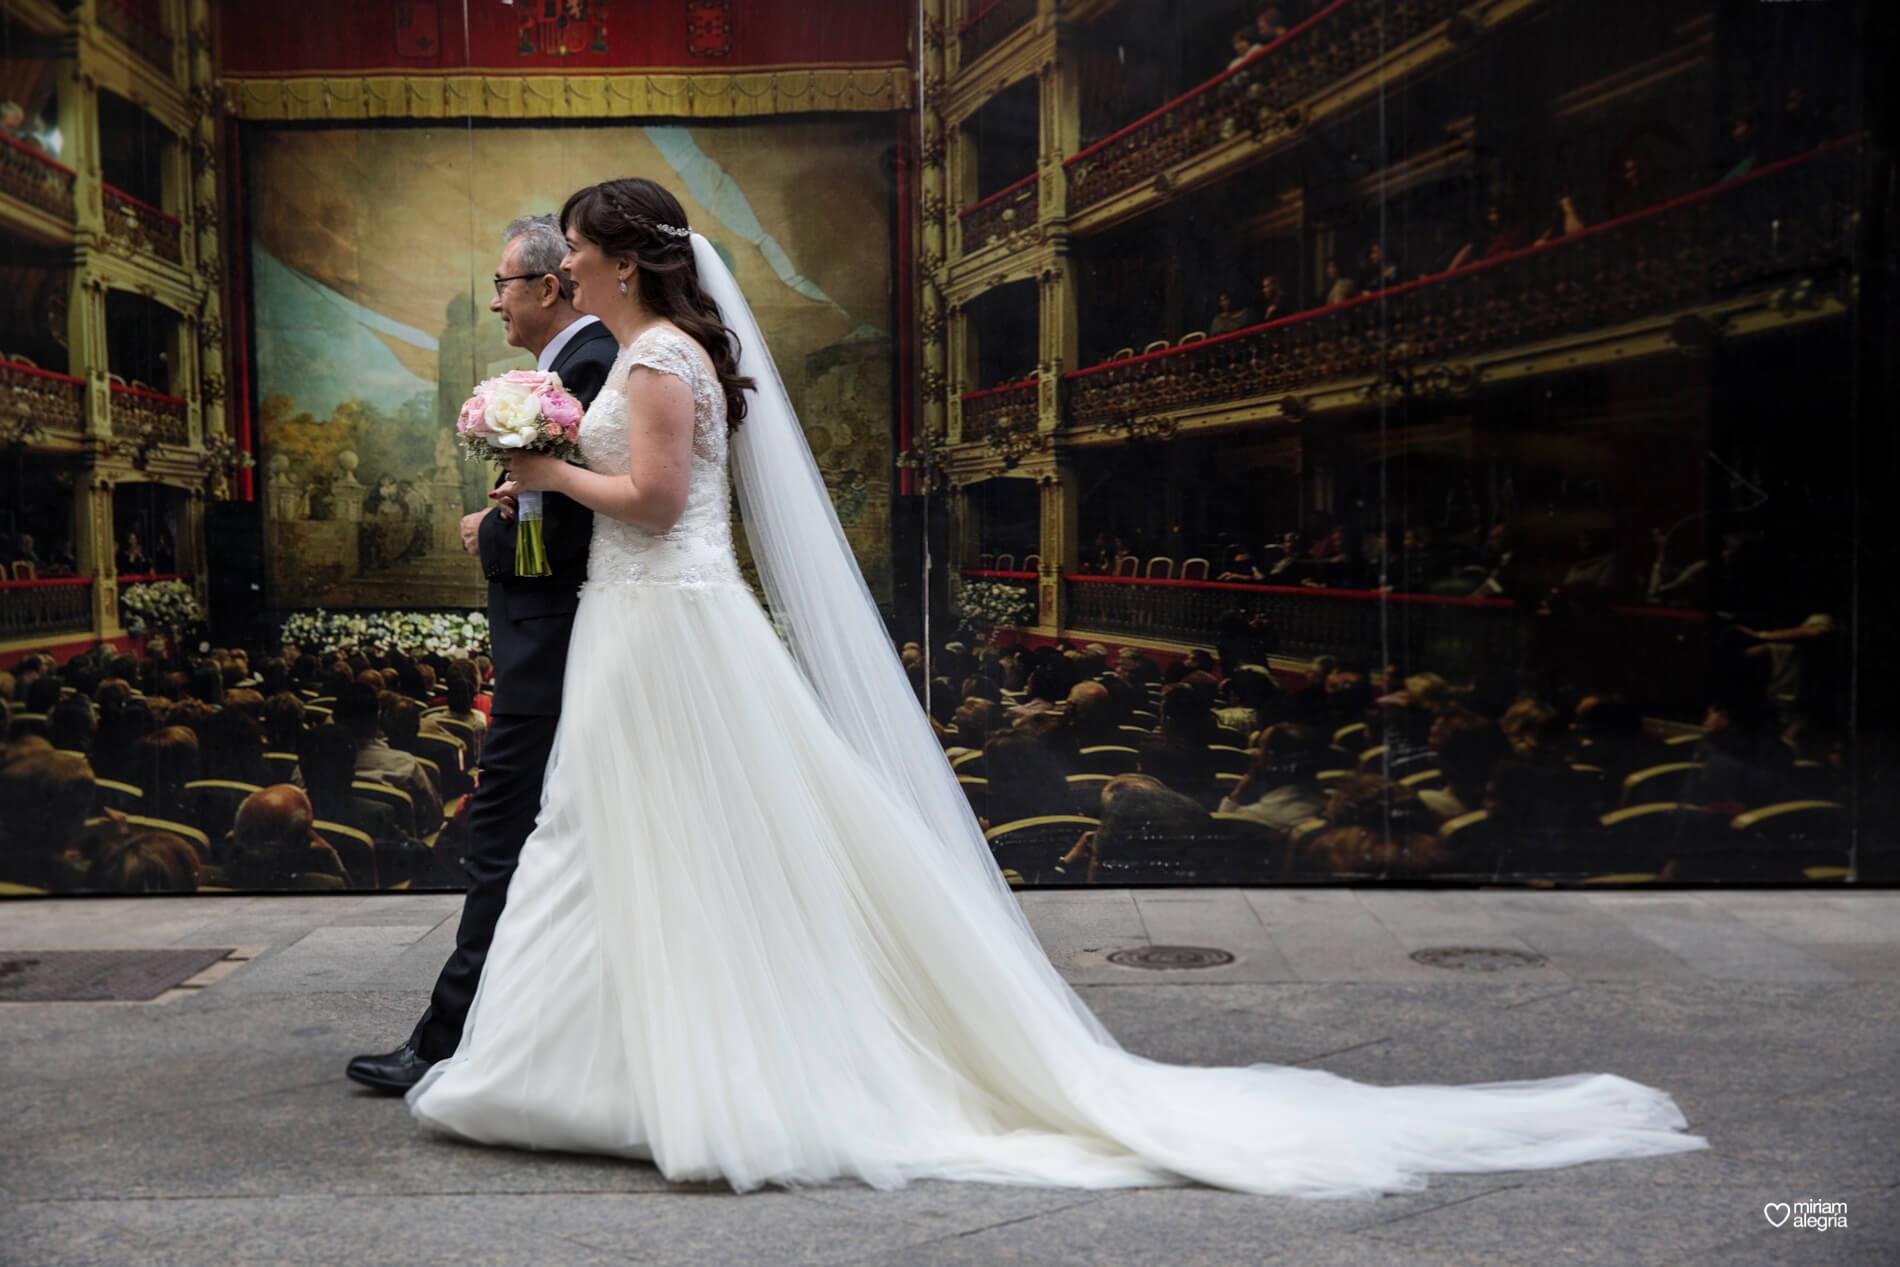 boda-civil-en-el-casino-de-murcia-miriam-alegria-fotografos-de-boda-20